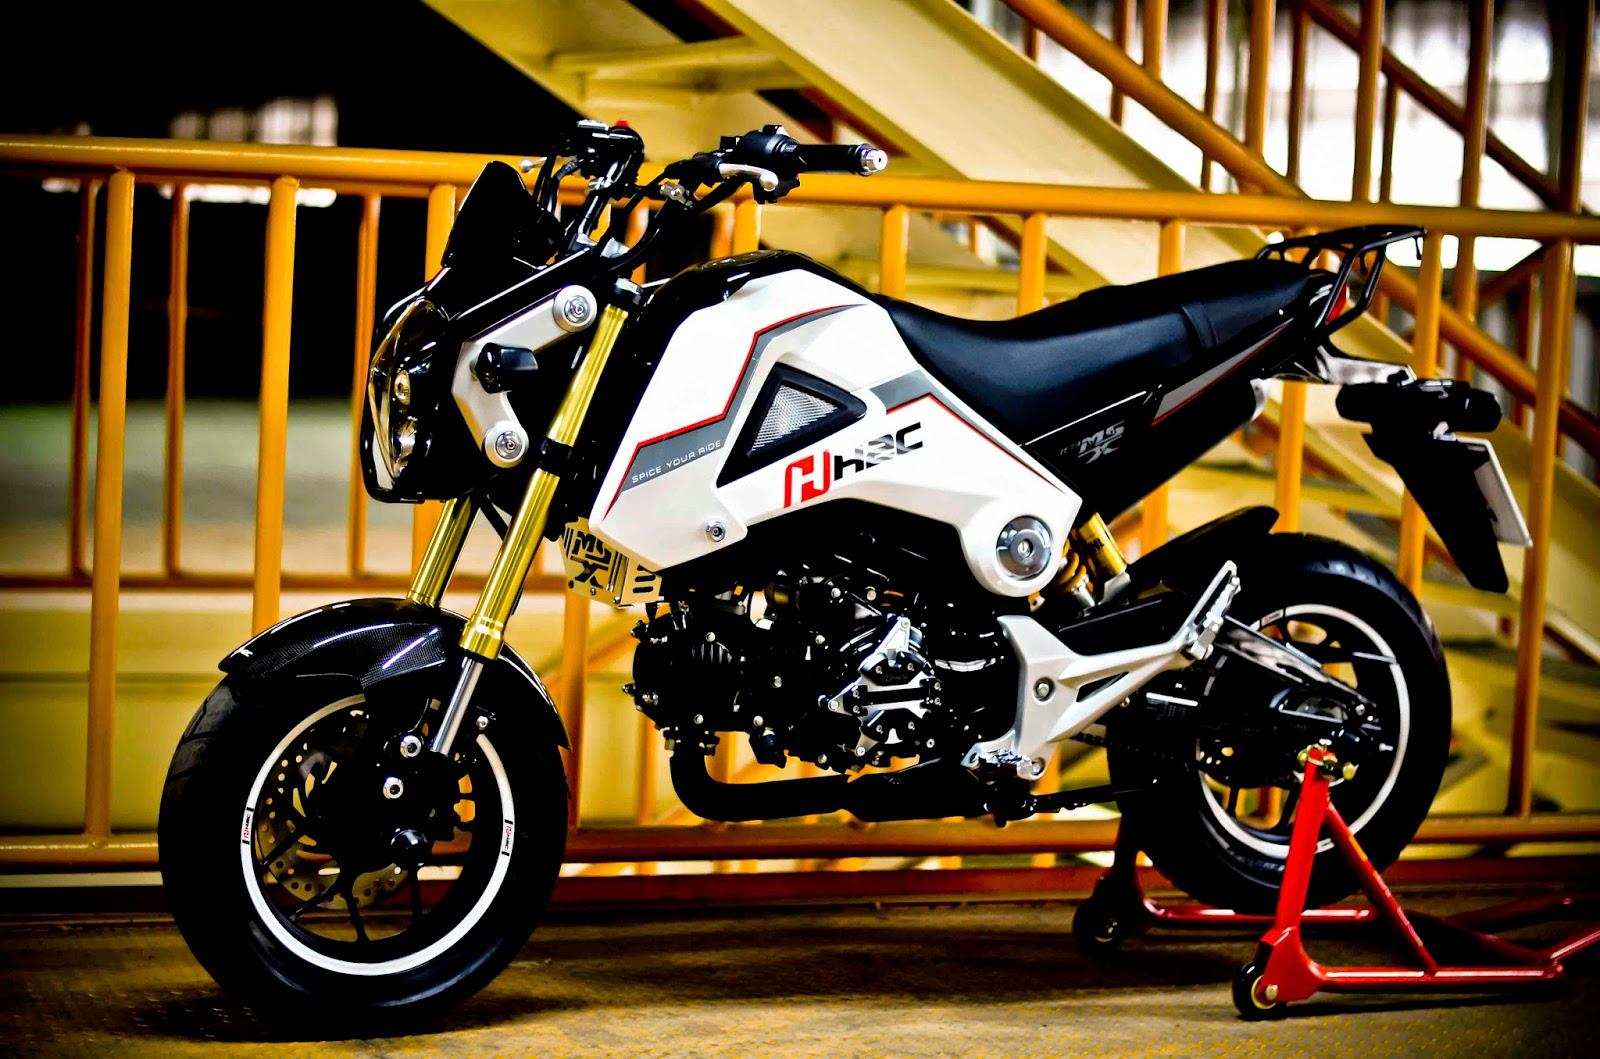 Dunia Modifikasi Galeri Modifikasi Motor Honda Msx 125 Terbaru